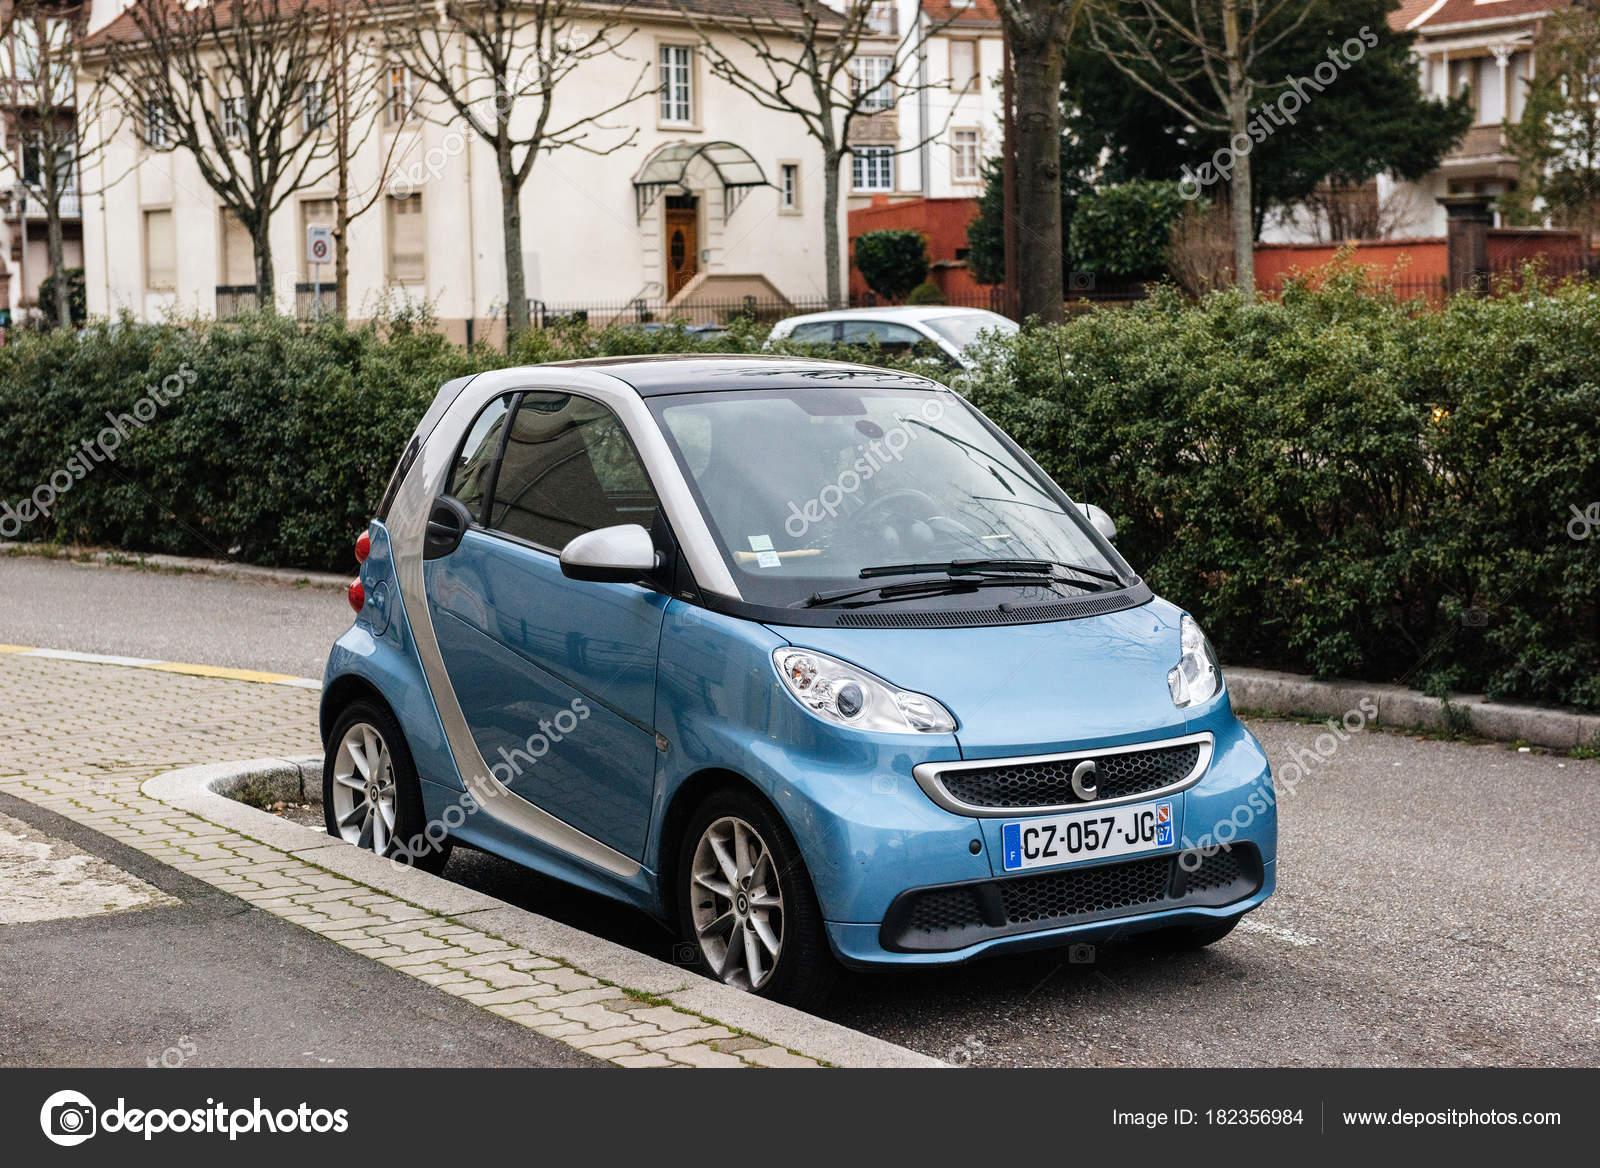 mercedes petite voiture petite voiture electrique pour enfant doccas voiture with mercedes. Black Bedroom Furniture Sets. Home Design Ideas